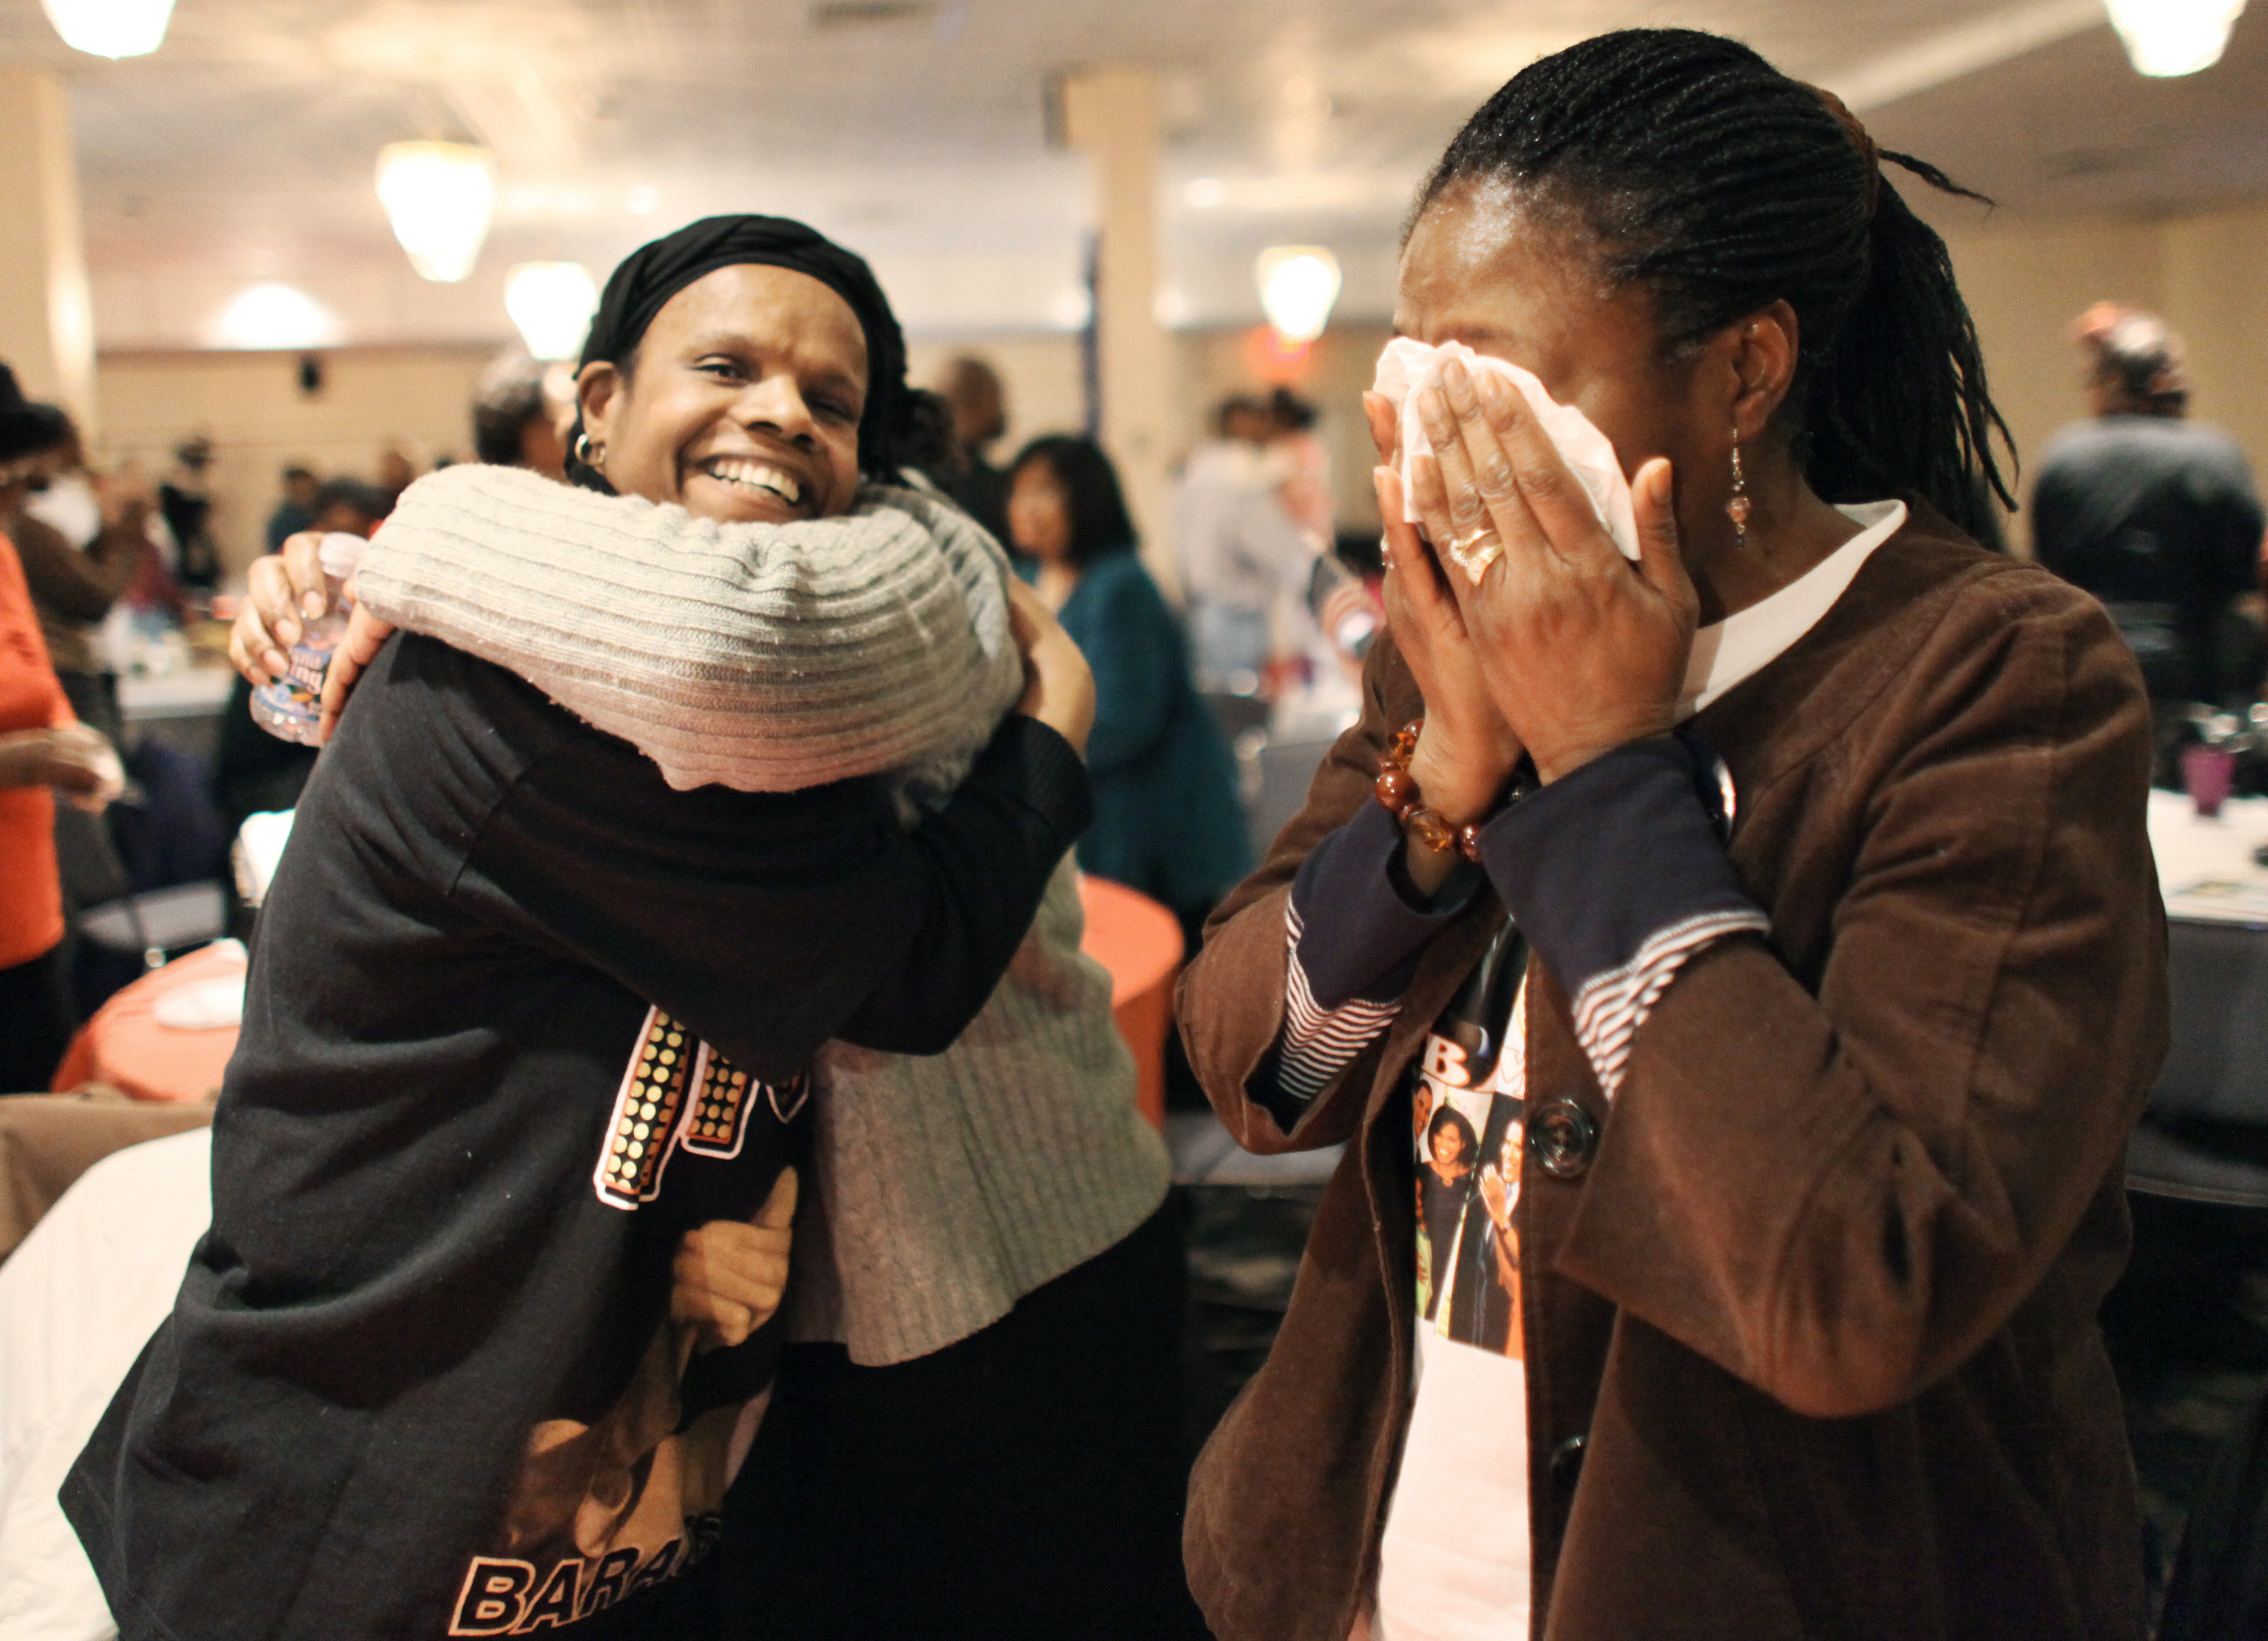 麻州劍橋非裔居民2009年1月20日觀看歐巴馬宣誓就職電視轉播後,各個激動相擁。(美聯社)